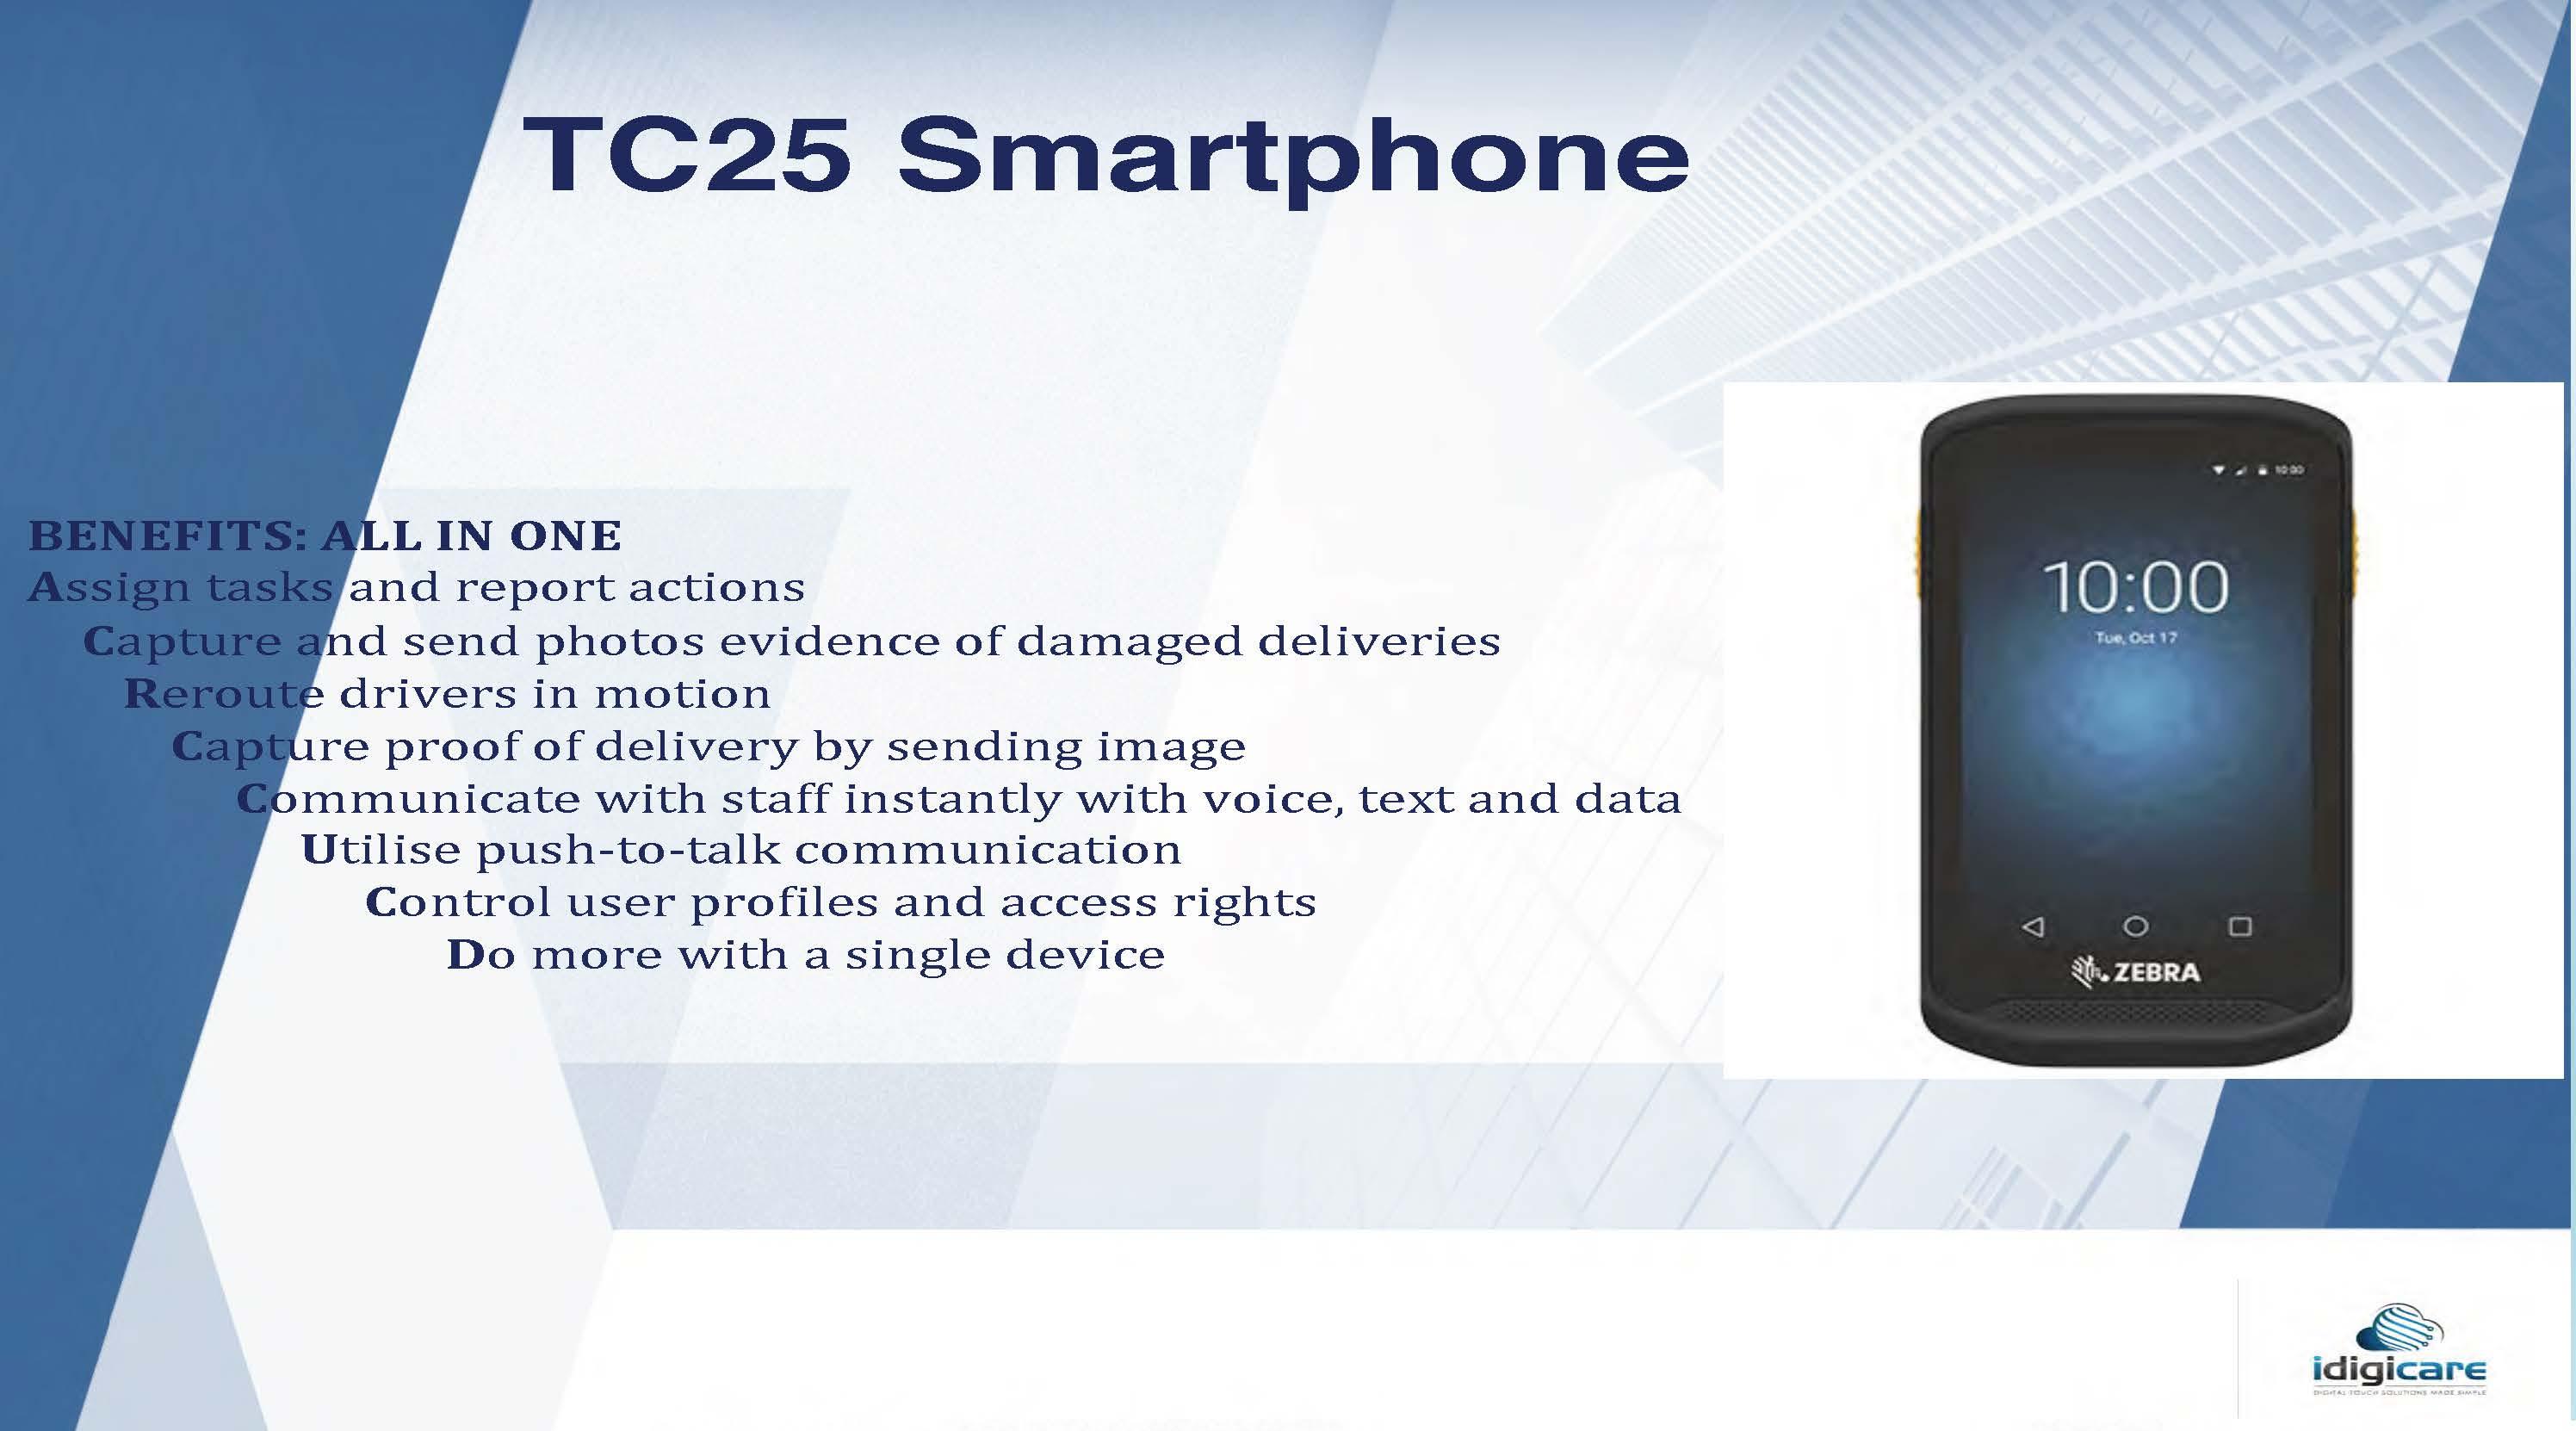 TC25_Smartphone